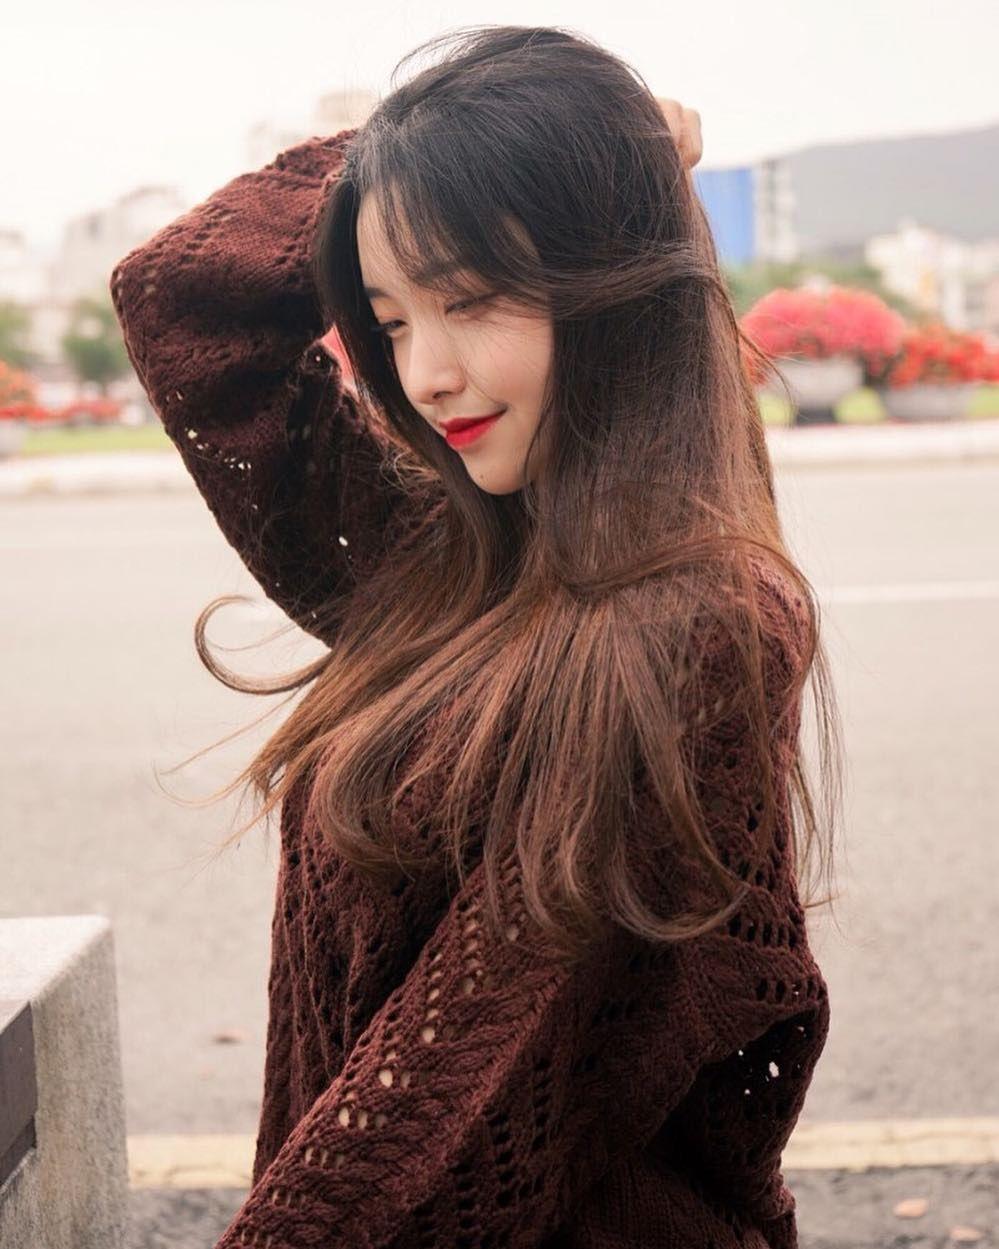 Ulzzang Girl Large Eyes Long Hair: Pin Oleh R A Y Di Ulzzang Icons Ulzzang